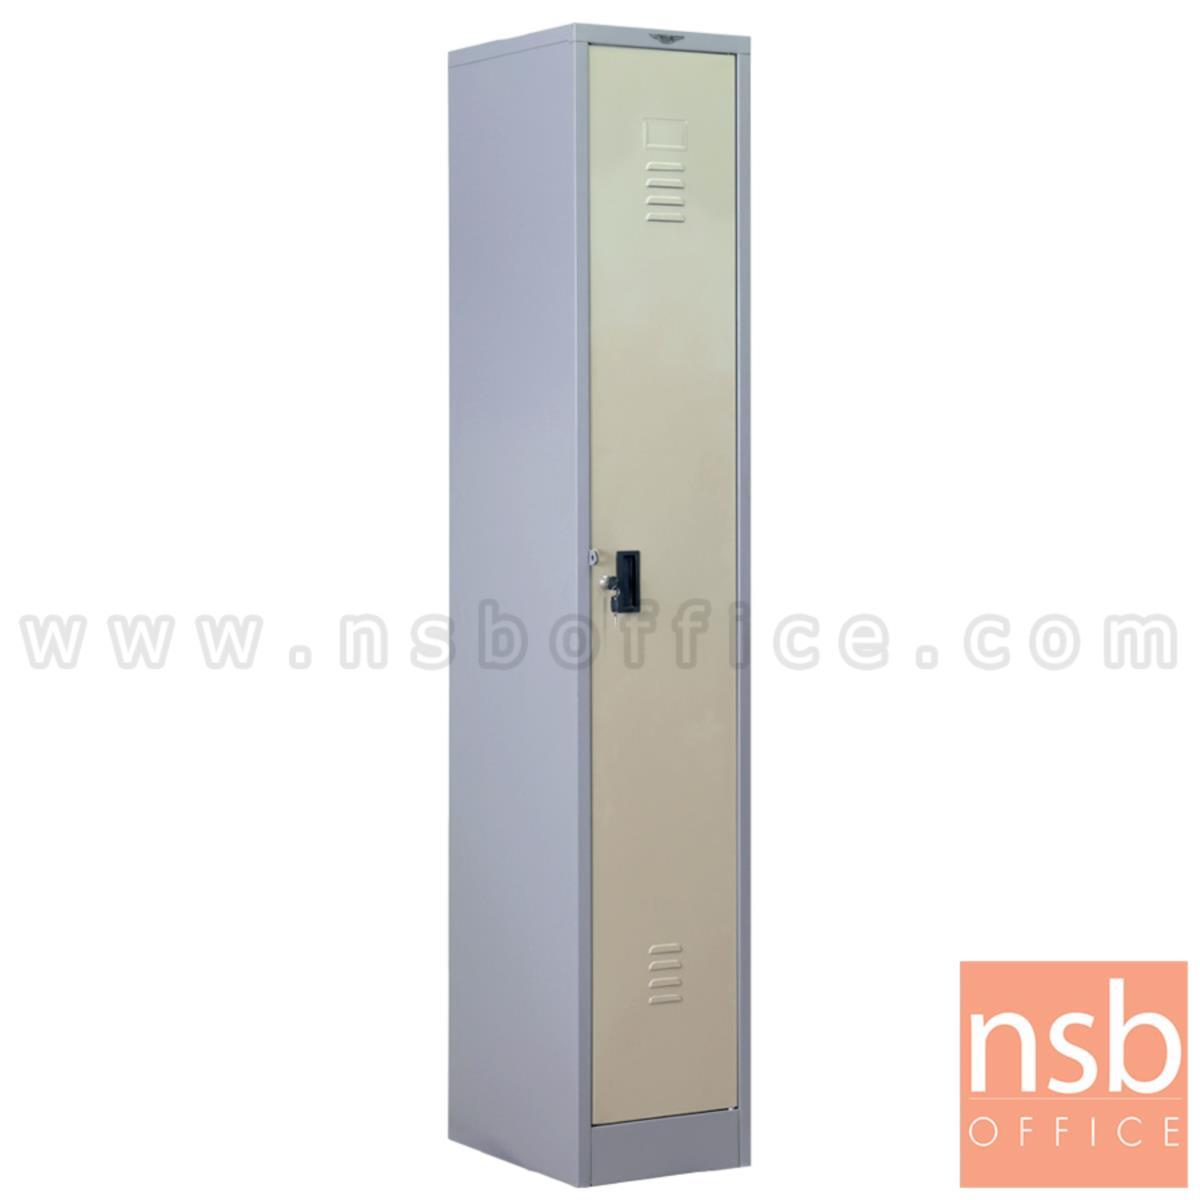 E03A047:ตู้ล็อคเกอร์ 1 ประตู รุ่น Brighton (ไบรตัน)  มีกุญแจล็อค